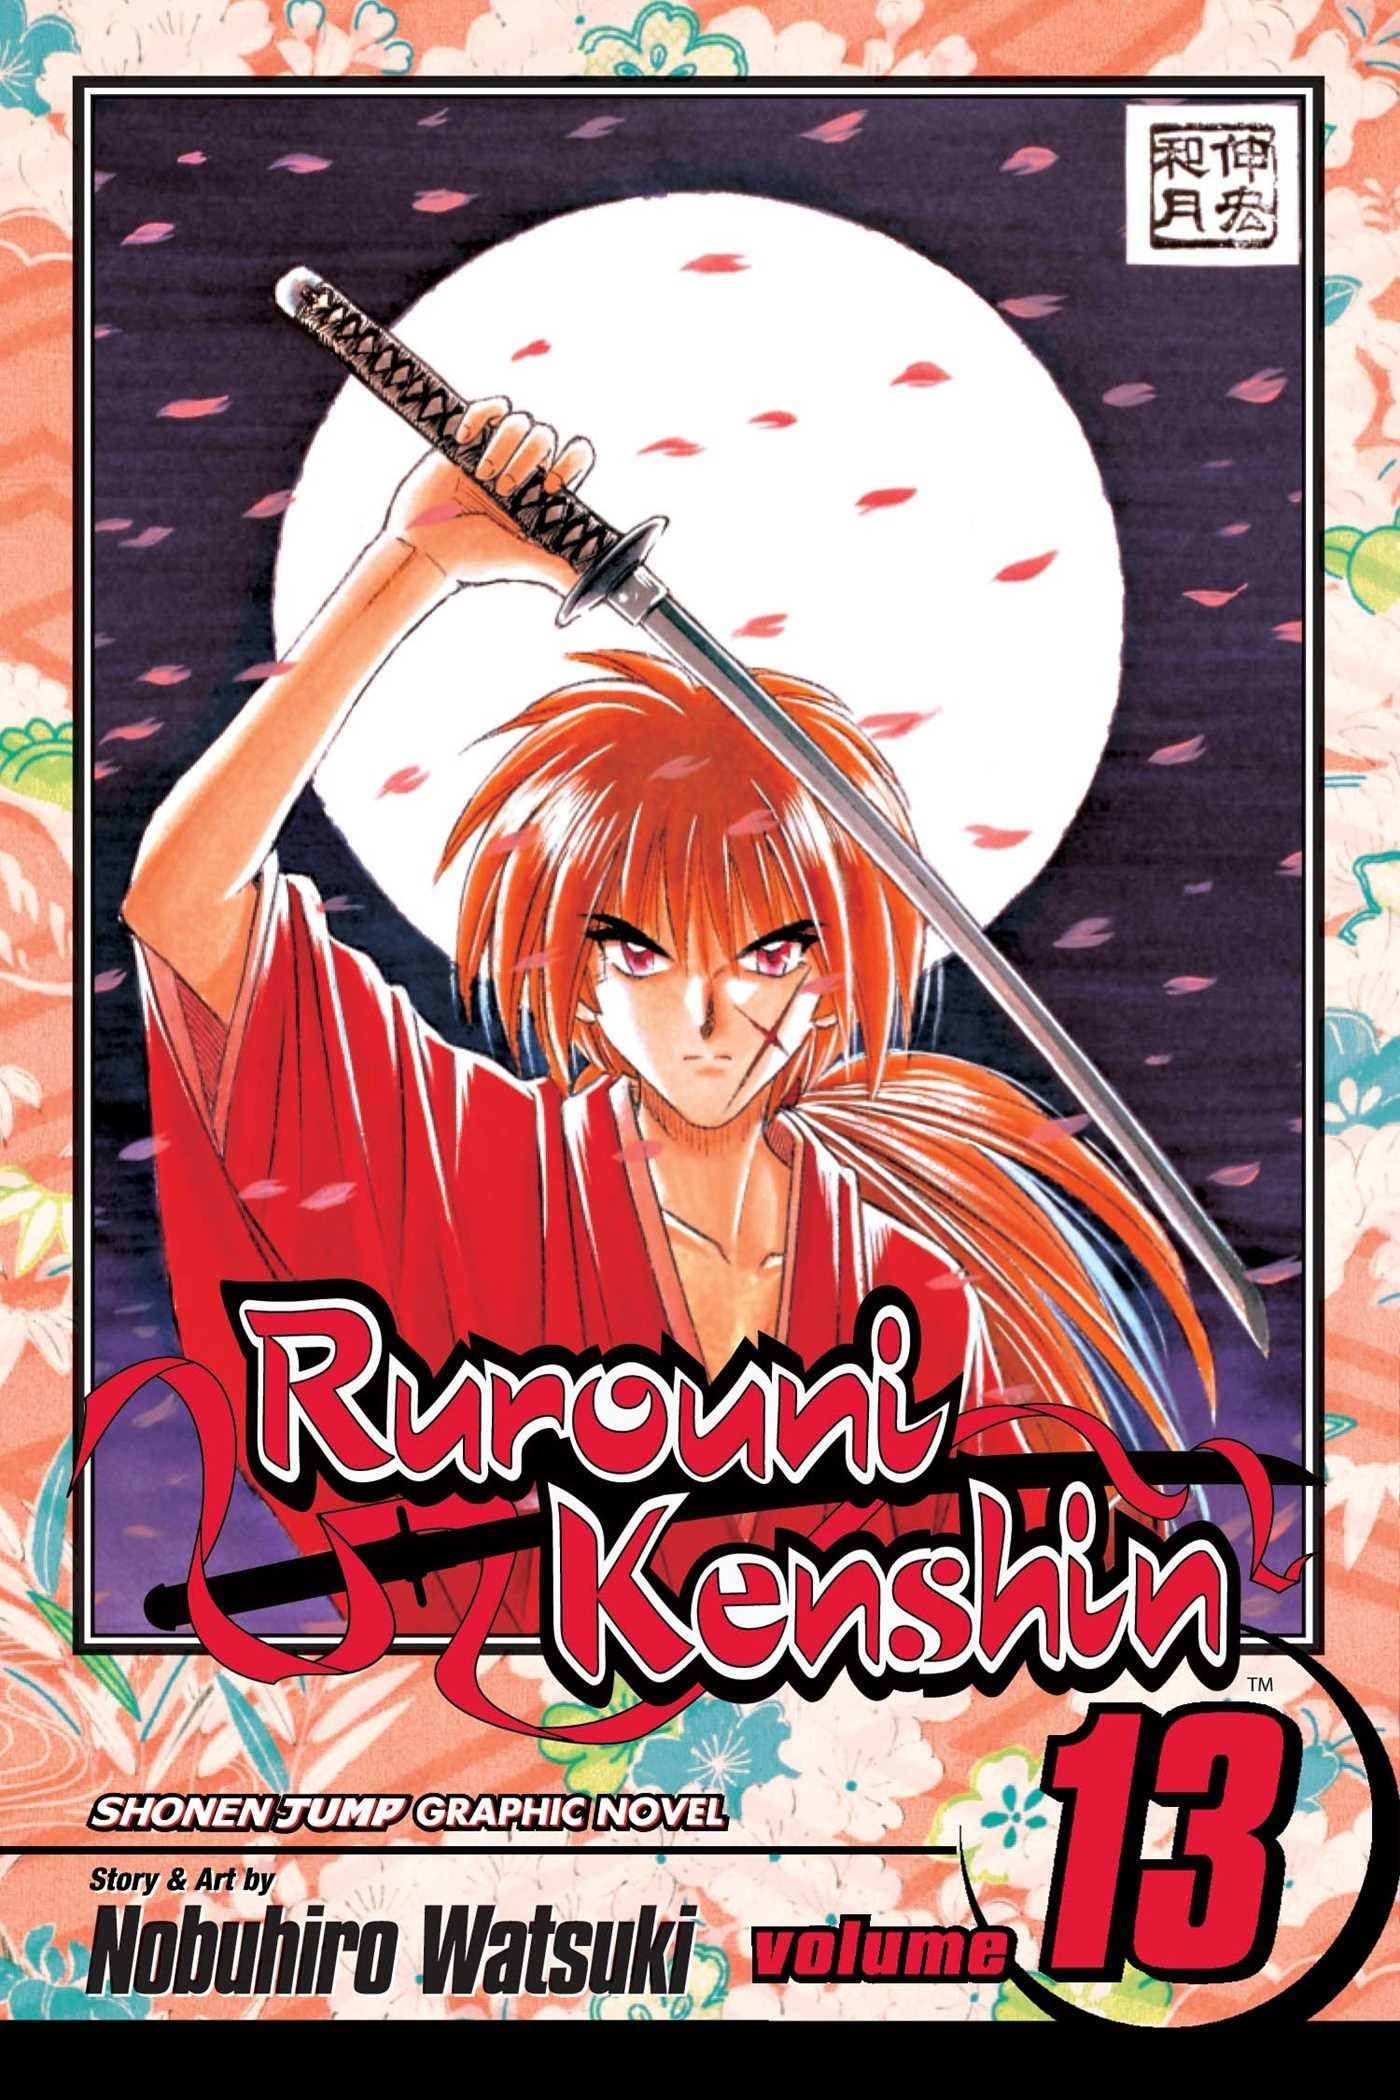 Rurouni Kenshin, Vol. 13 ebook